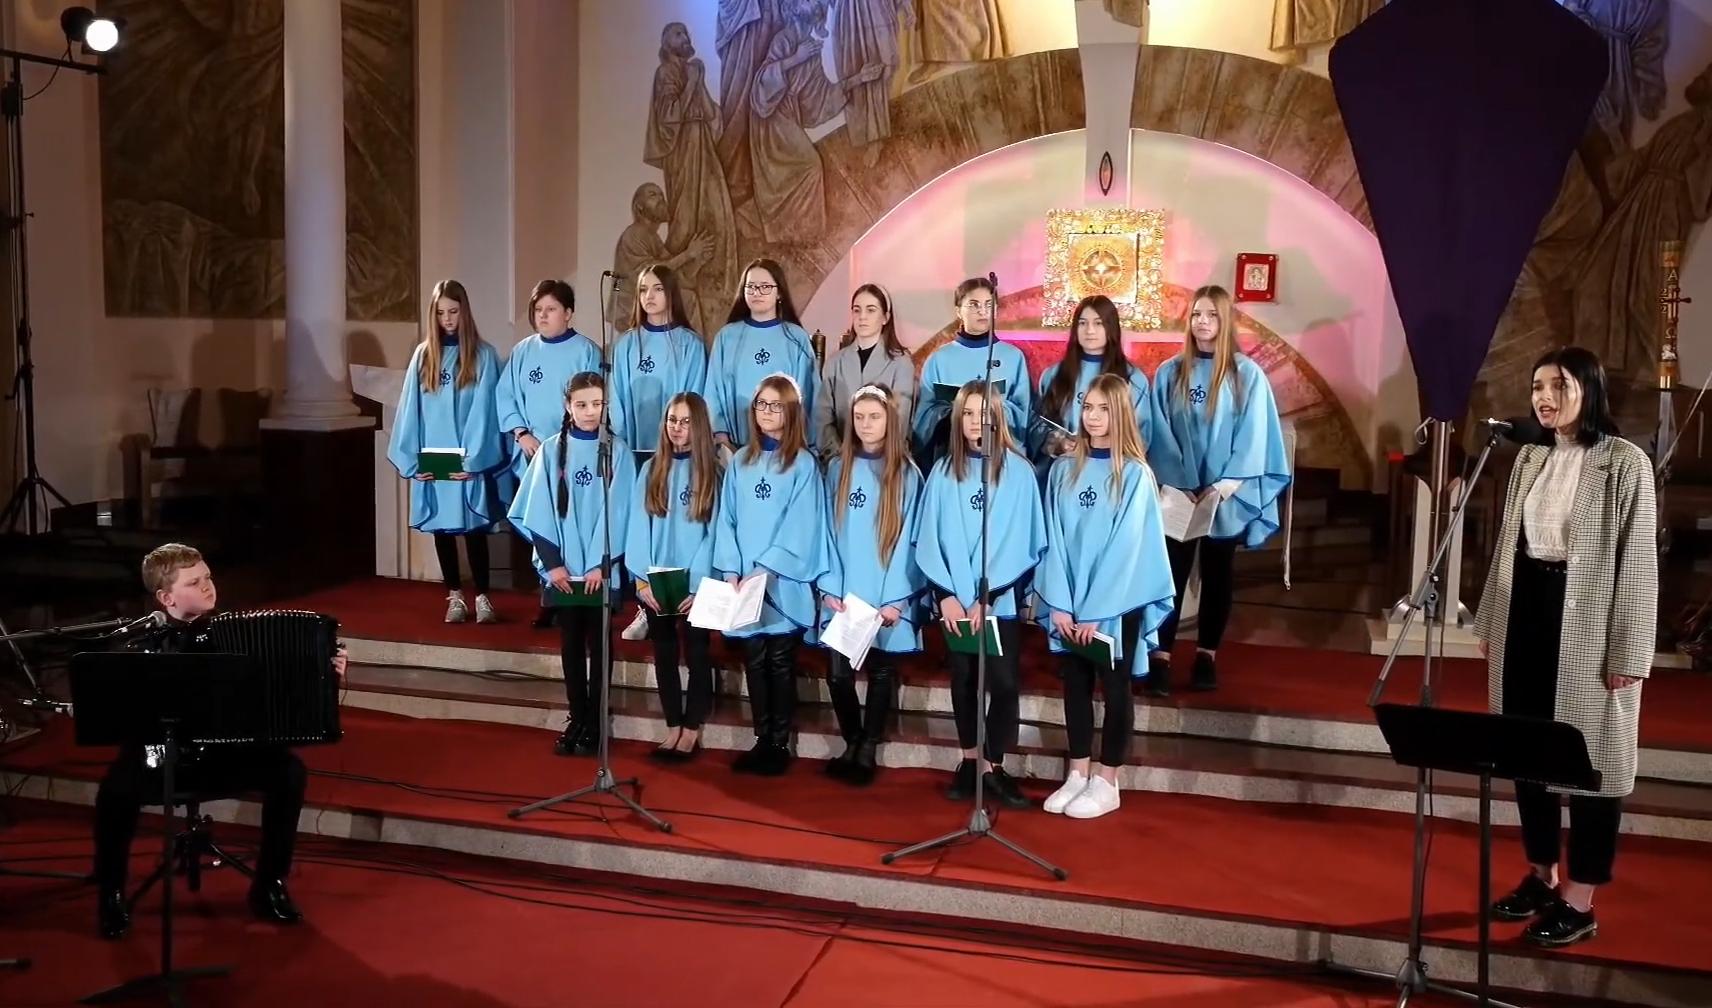 Koncert pasyjny. Pieśni rozbrzmiały w kościele w Zarębkach [WIDEO - ZDJĘCIA] - Zdjęcie główne